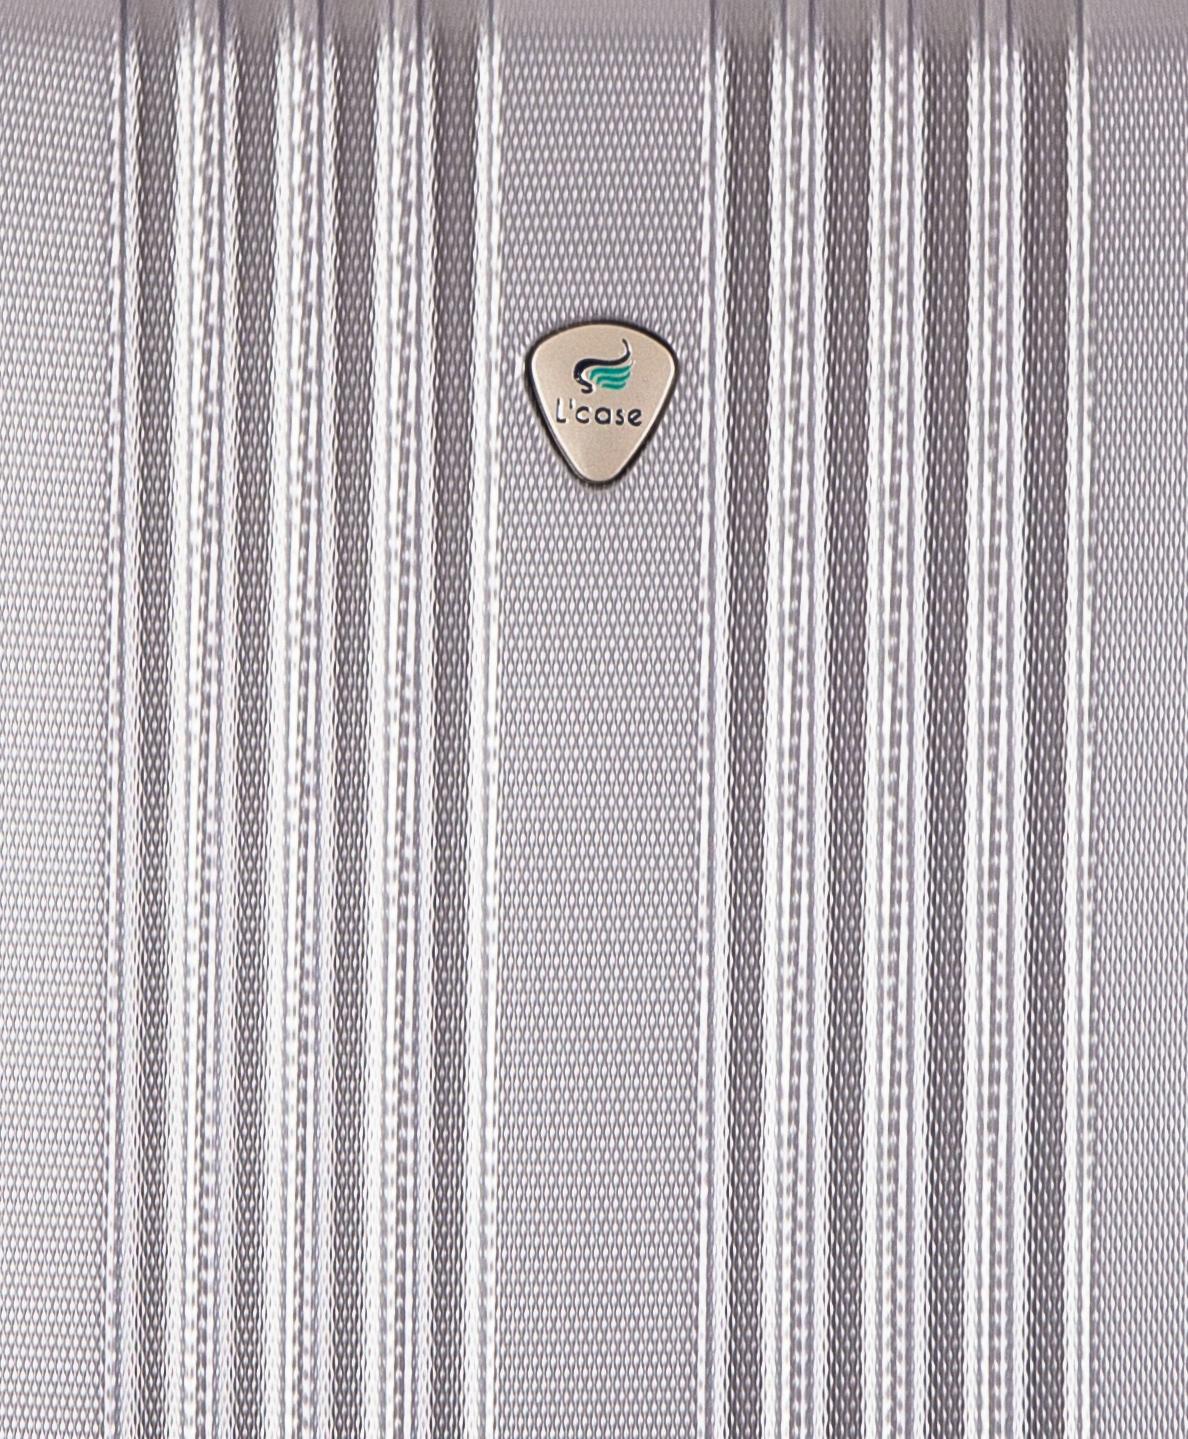 Чемодан со съемными колесами L'case Bangkok-18 Серебро ручная кладь (S)